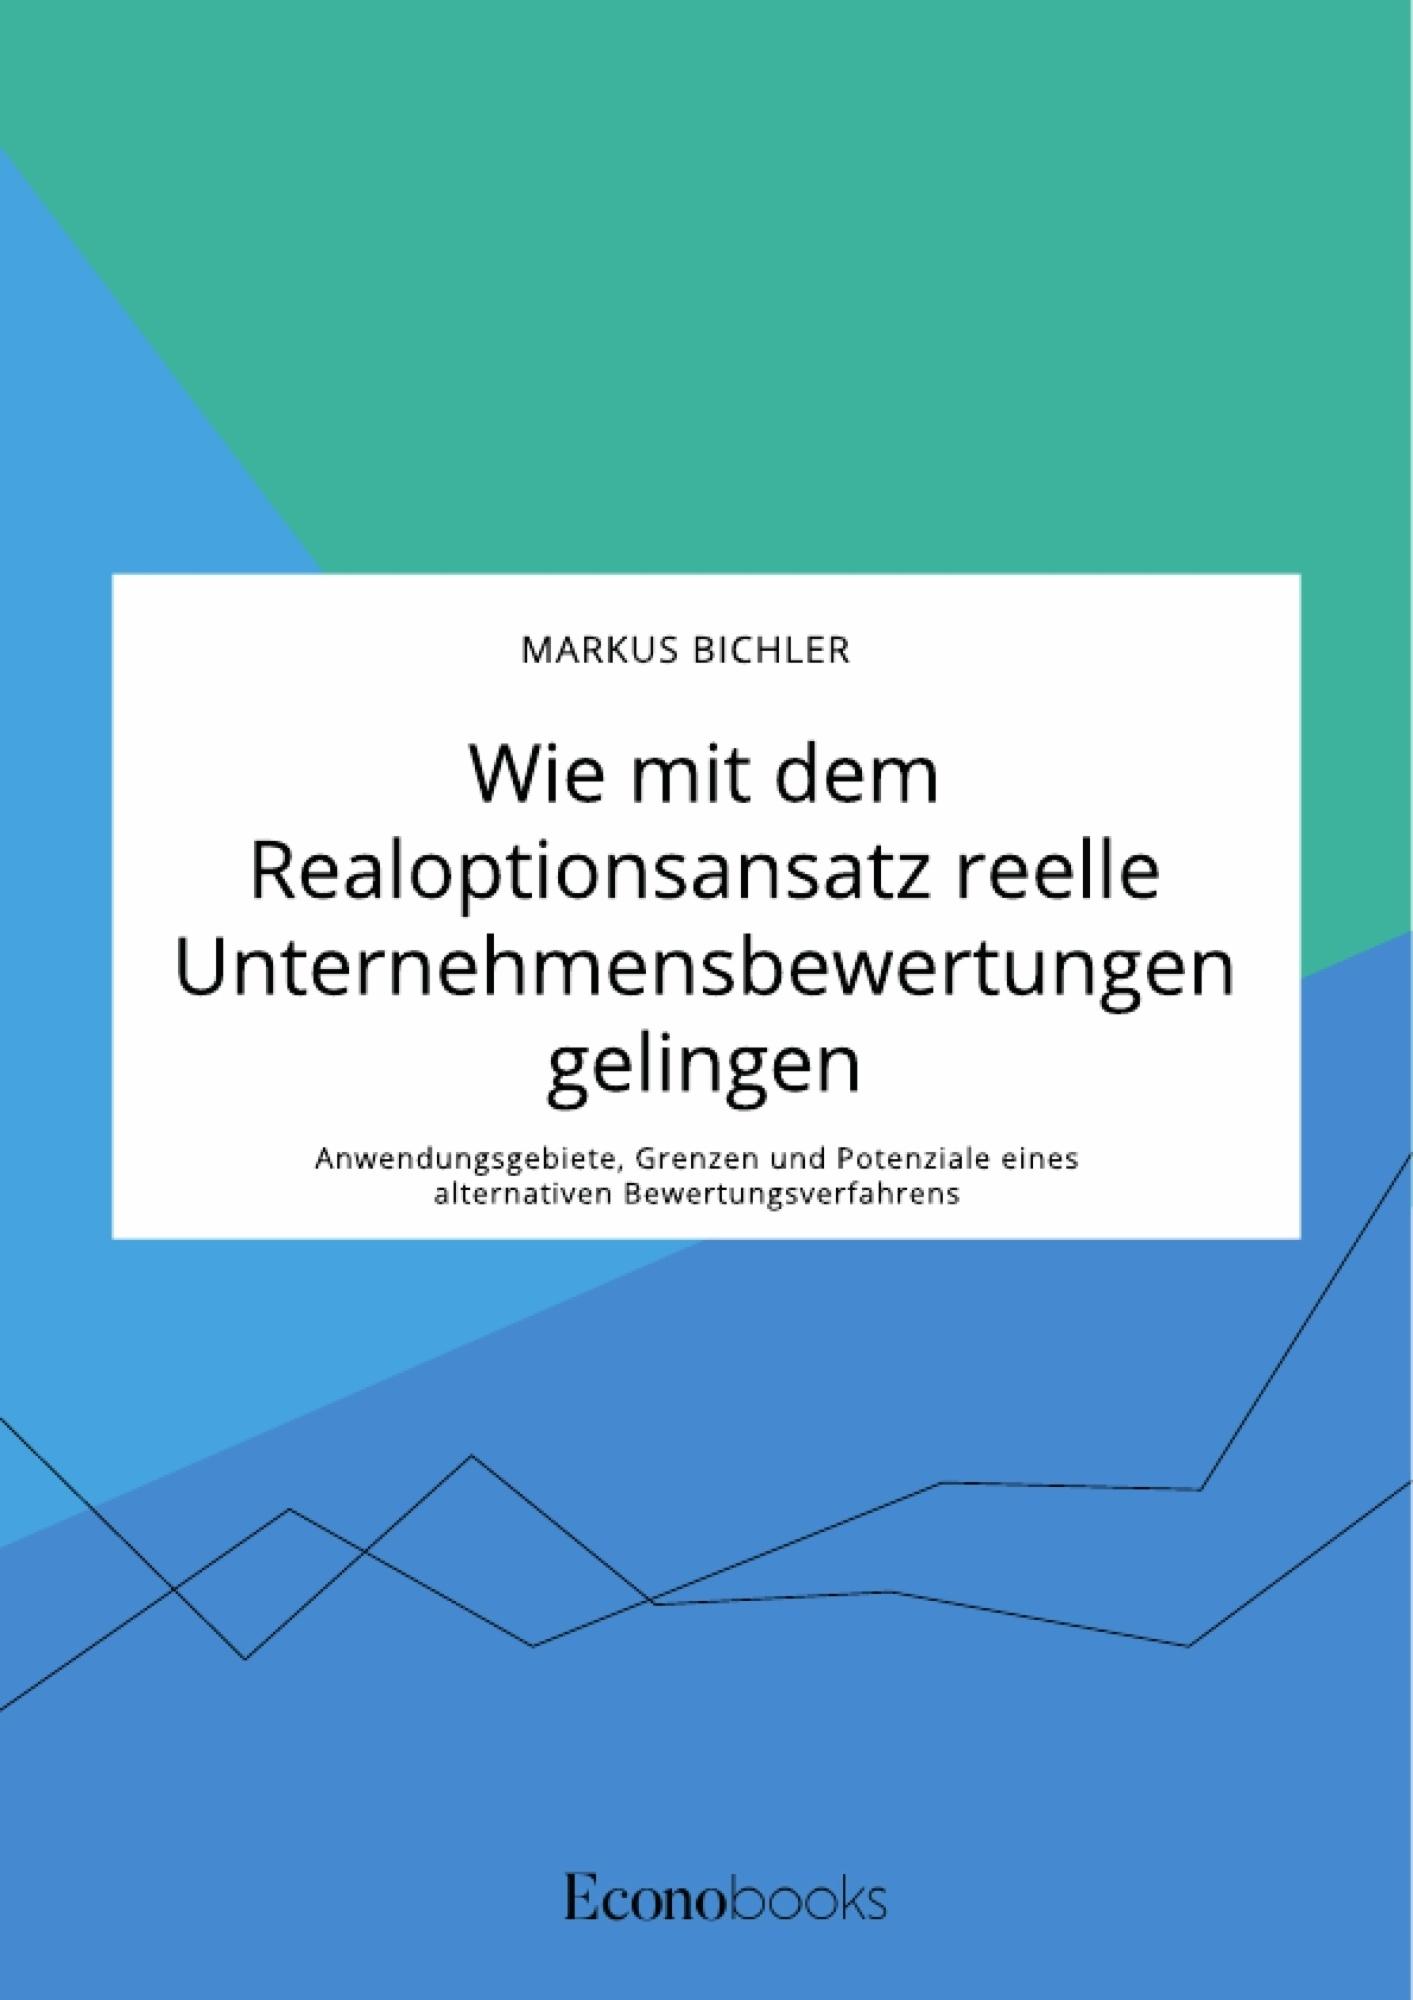 Title: Wie mit dem Realoptionsansatz reelle Unternehmensbewertungen gelingen. Anwendungsgebiete, Grenzen und Potenziale eines alternativen Bewertungsverfahrens